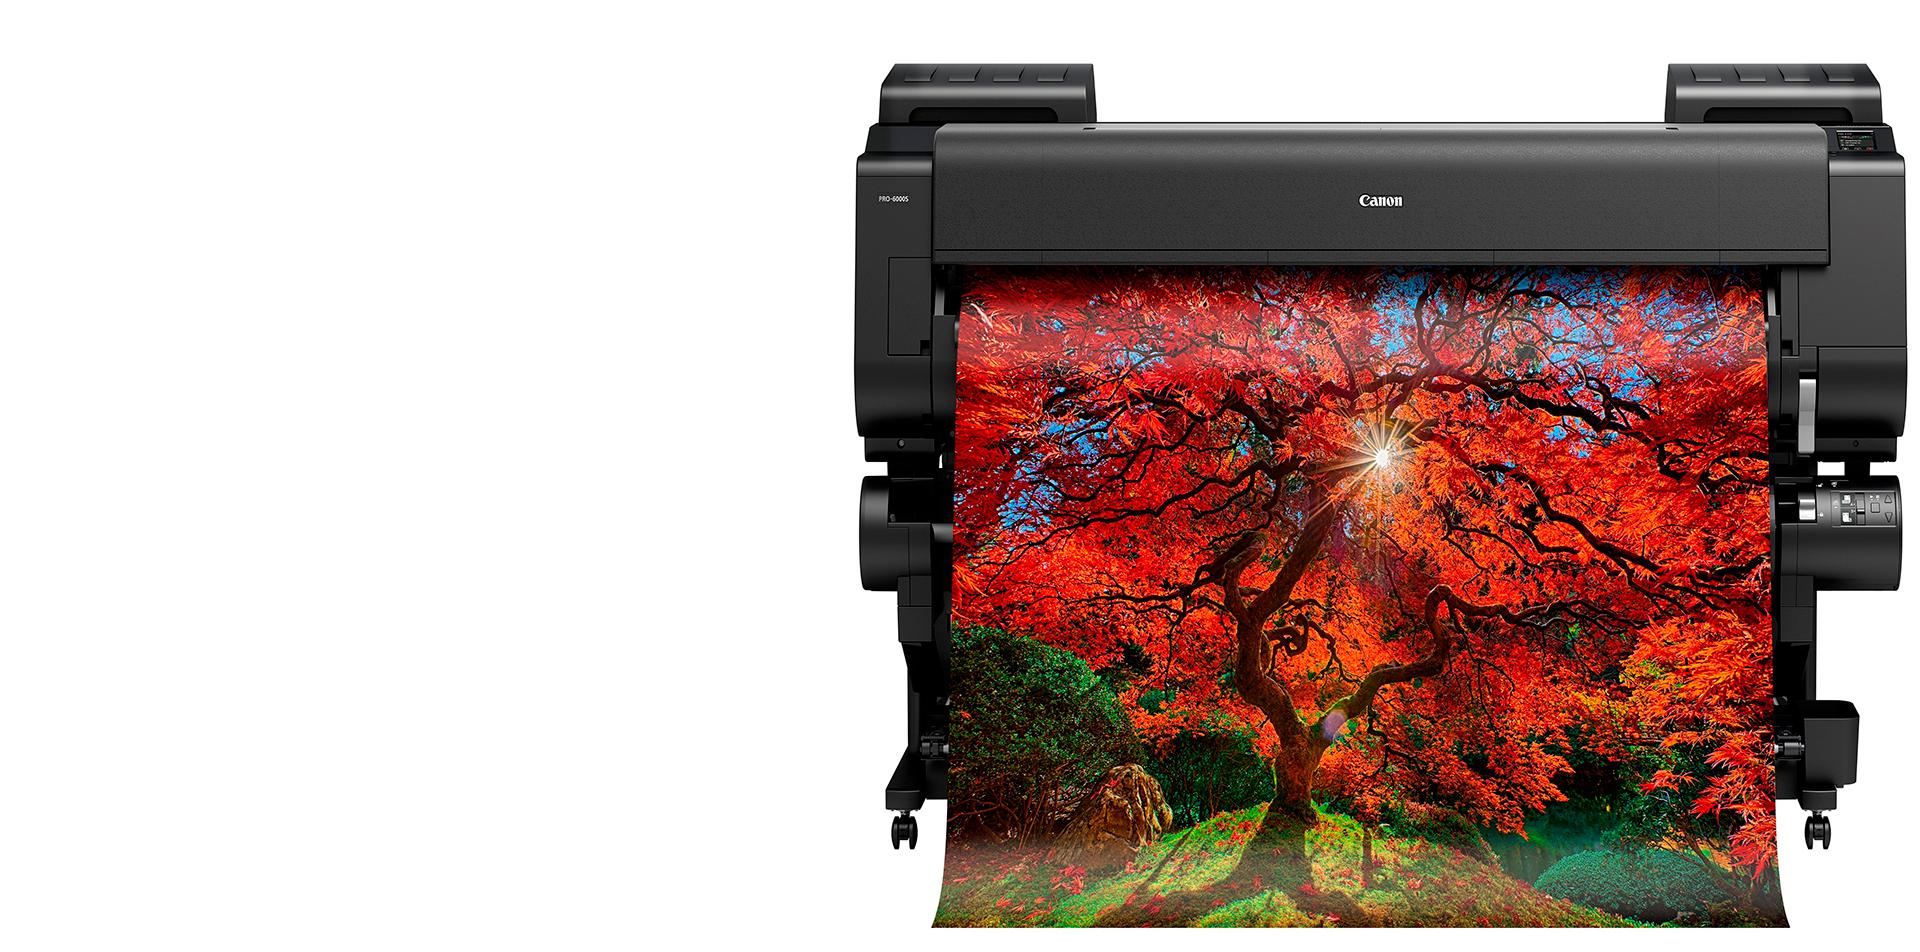 Принтеры с широкой душой. Краткий гид по устройствам для широкоформатной печати Canon - 2